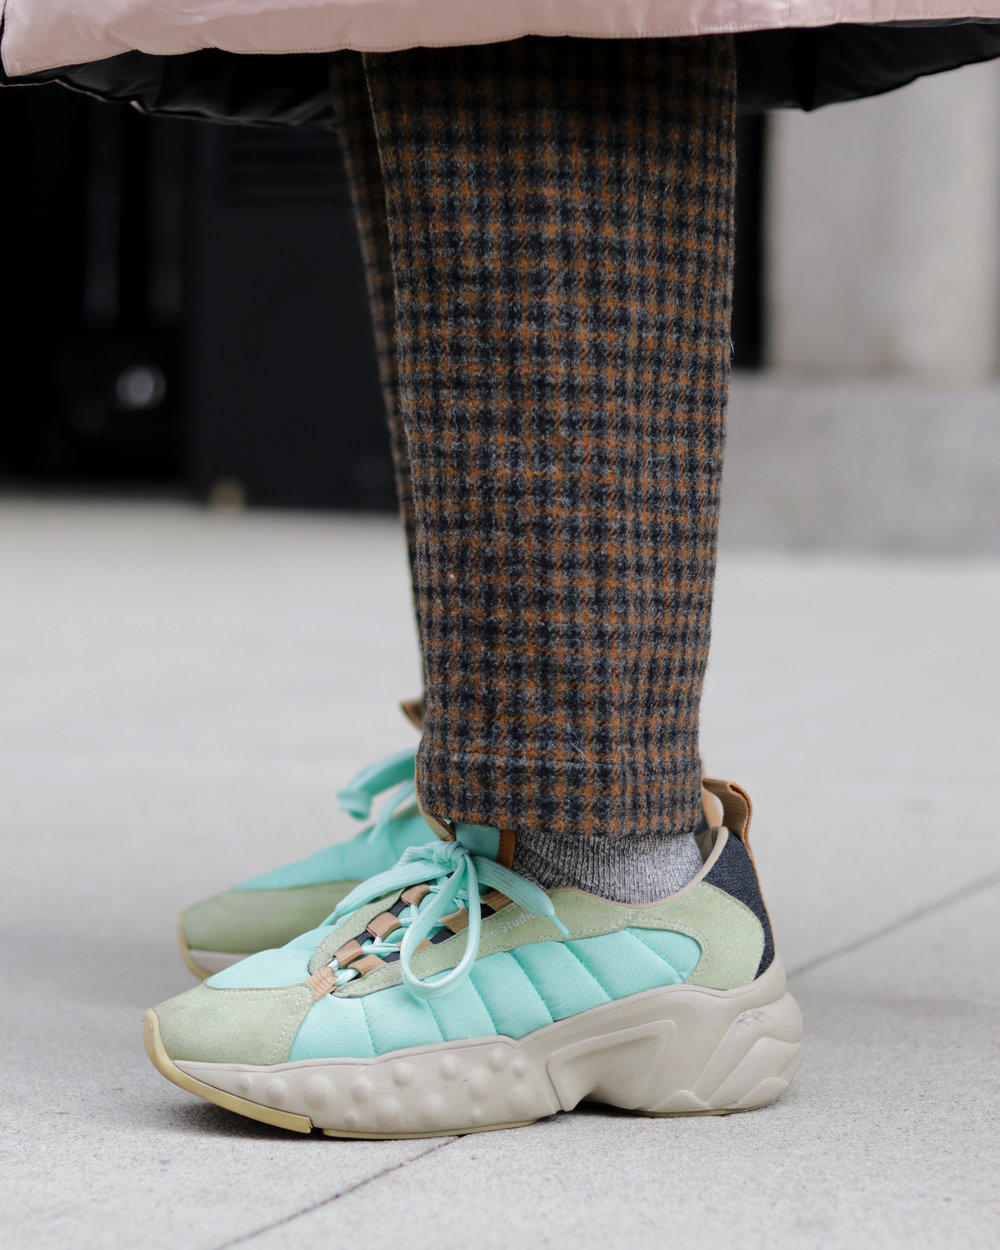 Acnesneakers.jpg